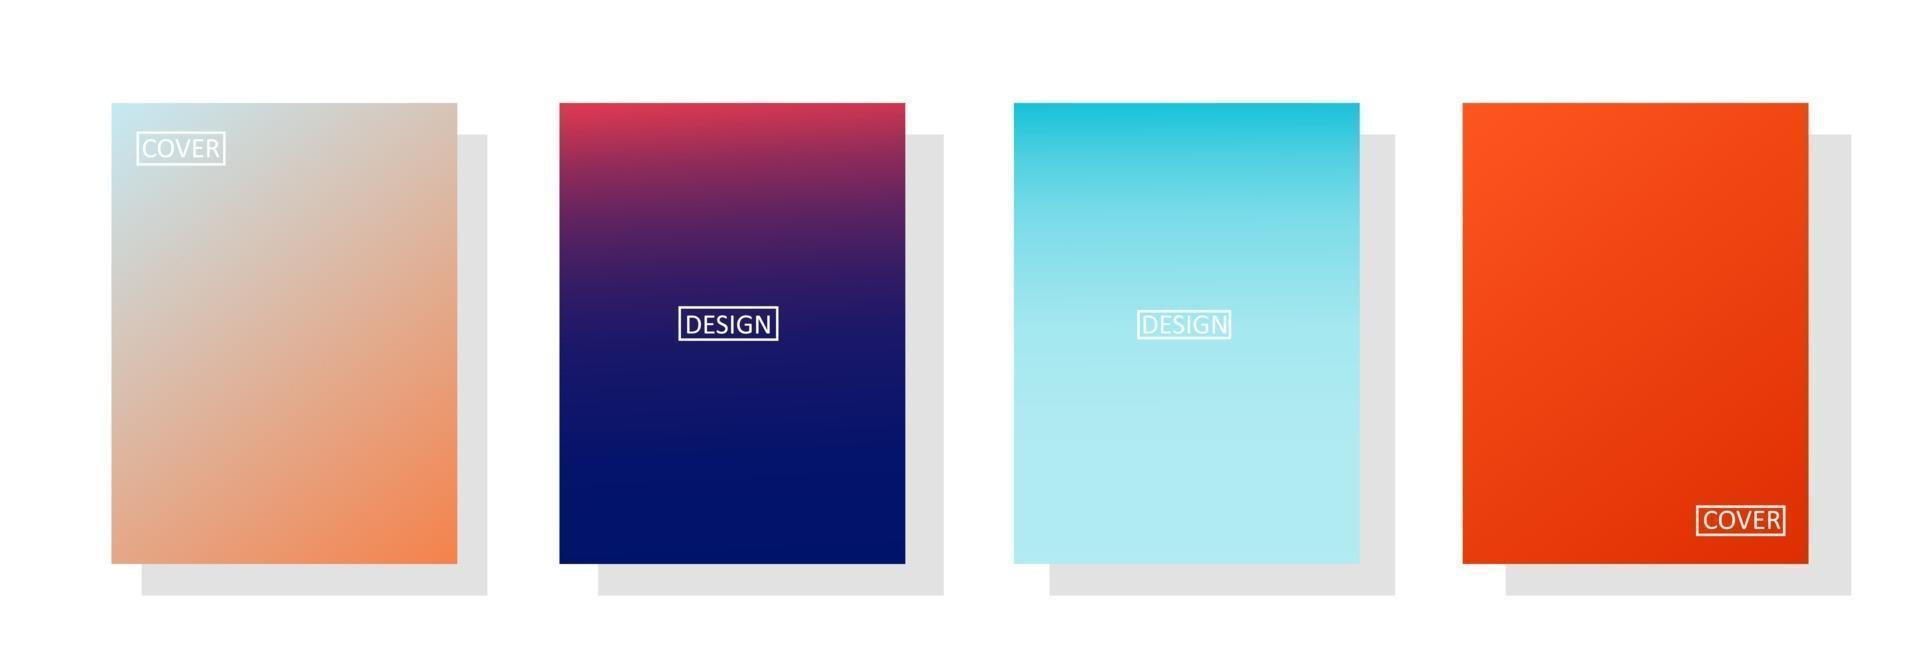 conjunto de fondo abstracto con hermoso color de gradación vector